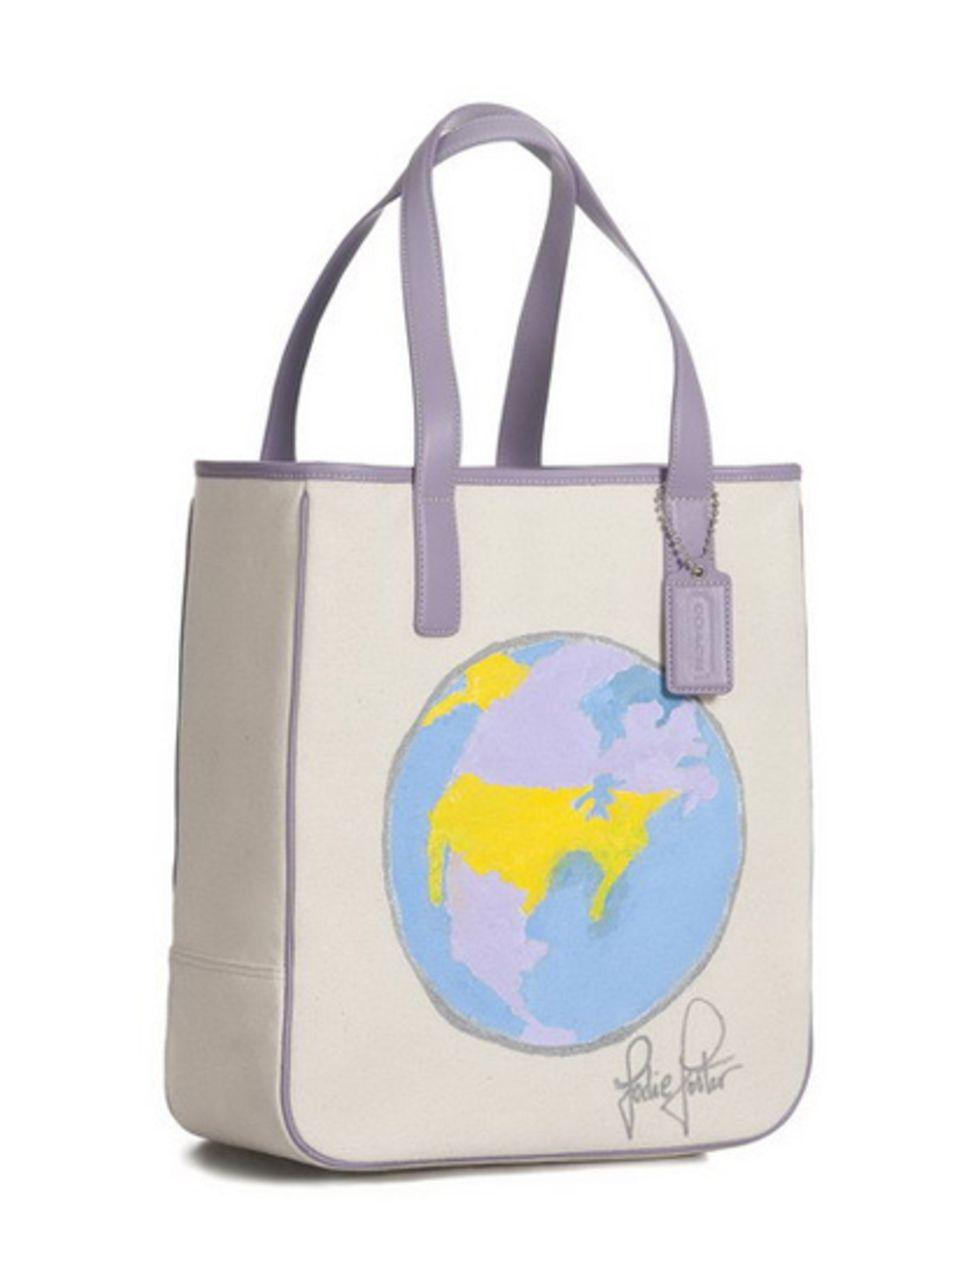 Coach bag: Jodie Foster